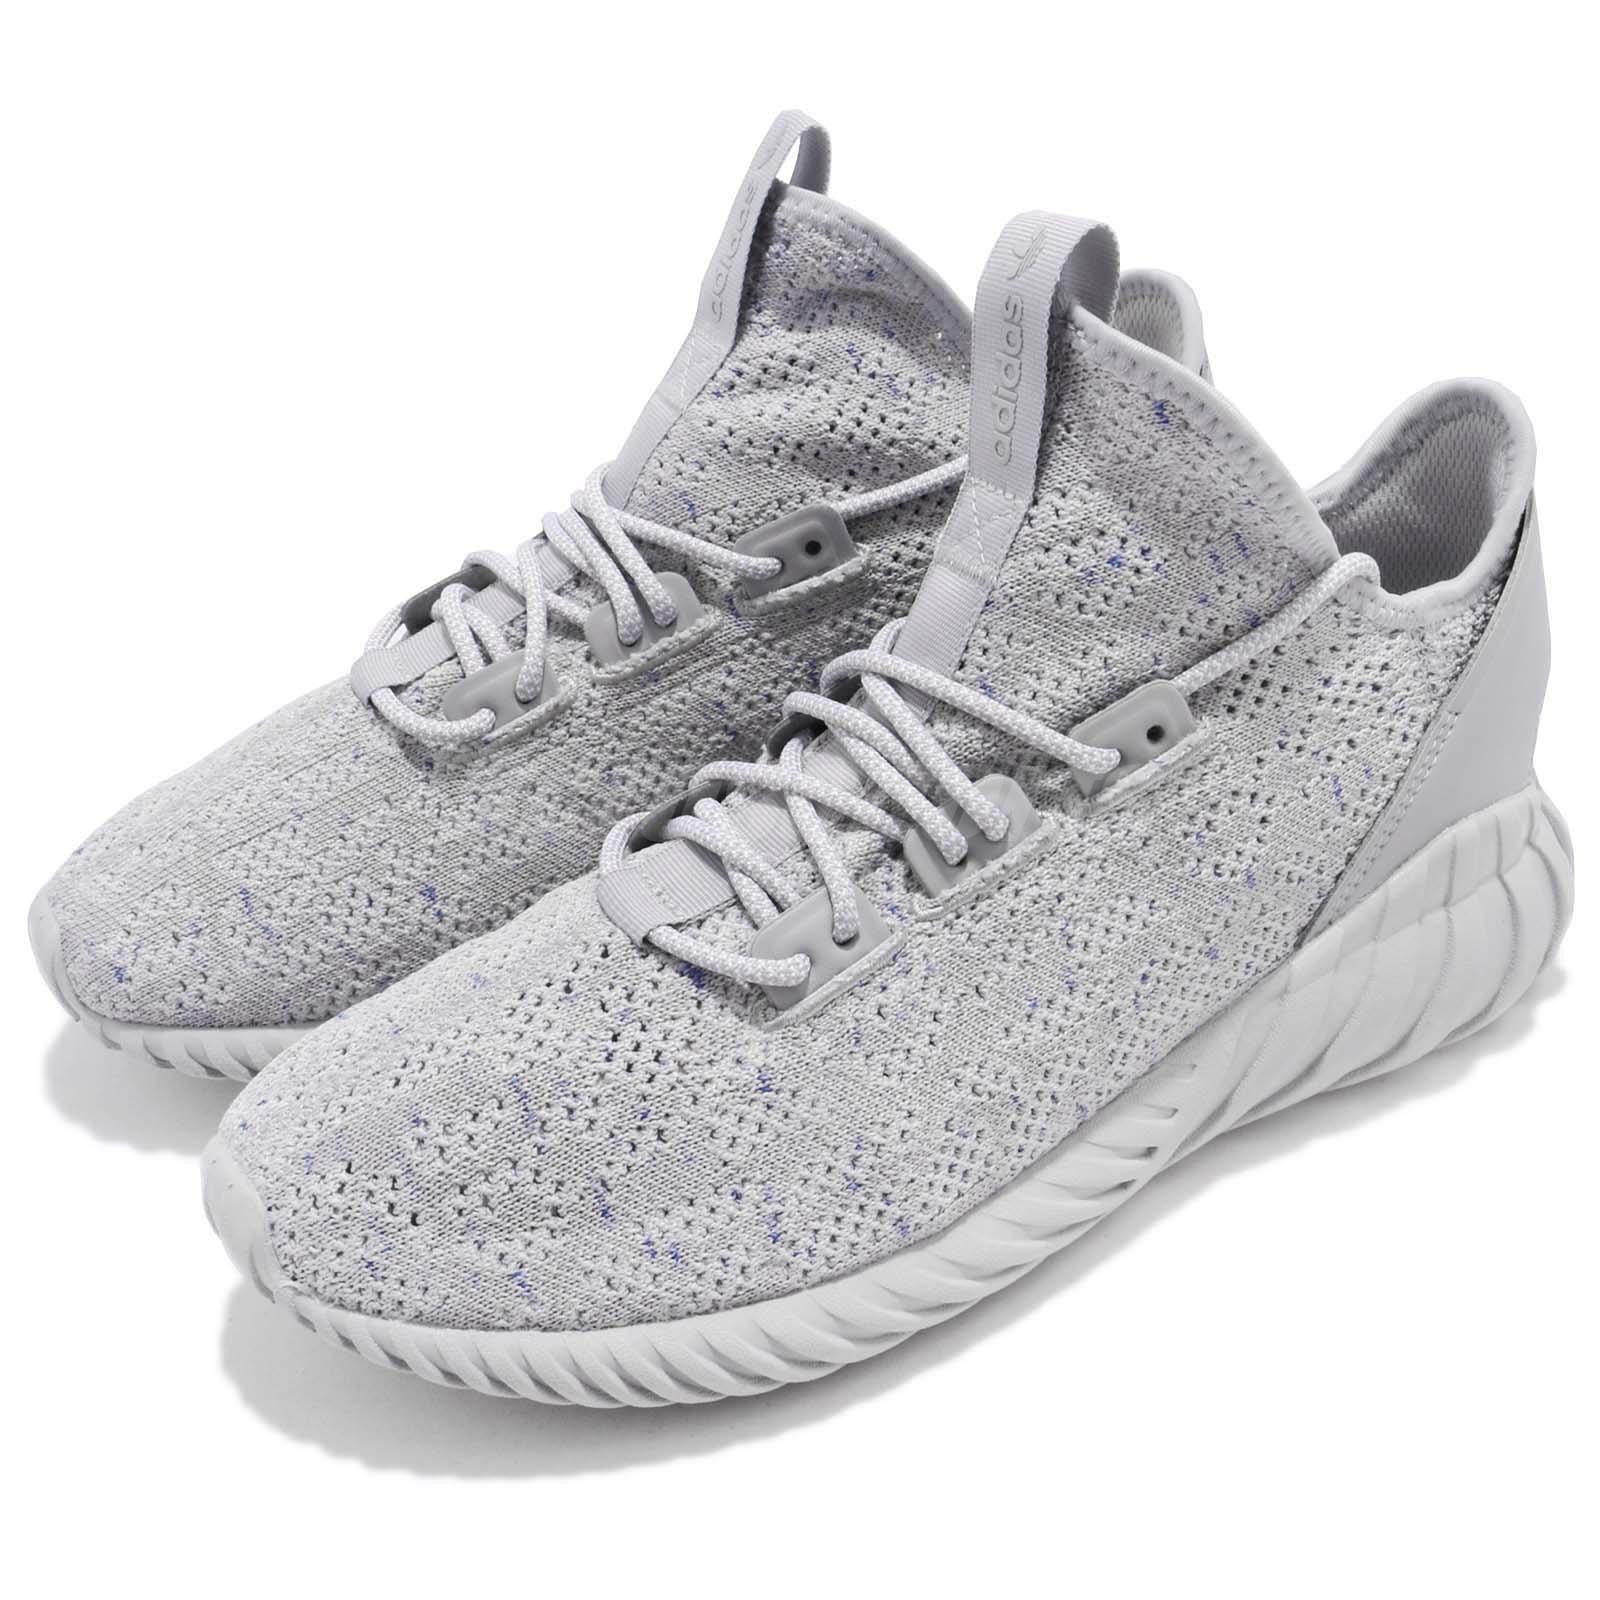 Adidas Adidas Adidas Originals Tubular Doom Sock PK Primeknit Grey Men Running shoes CG5512 866e2f